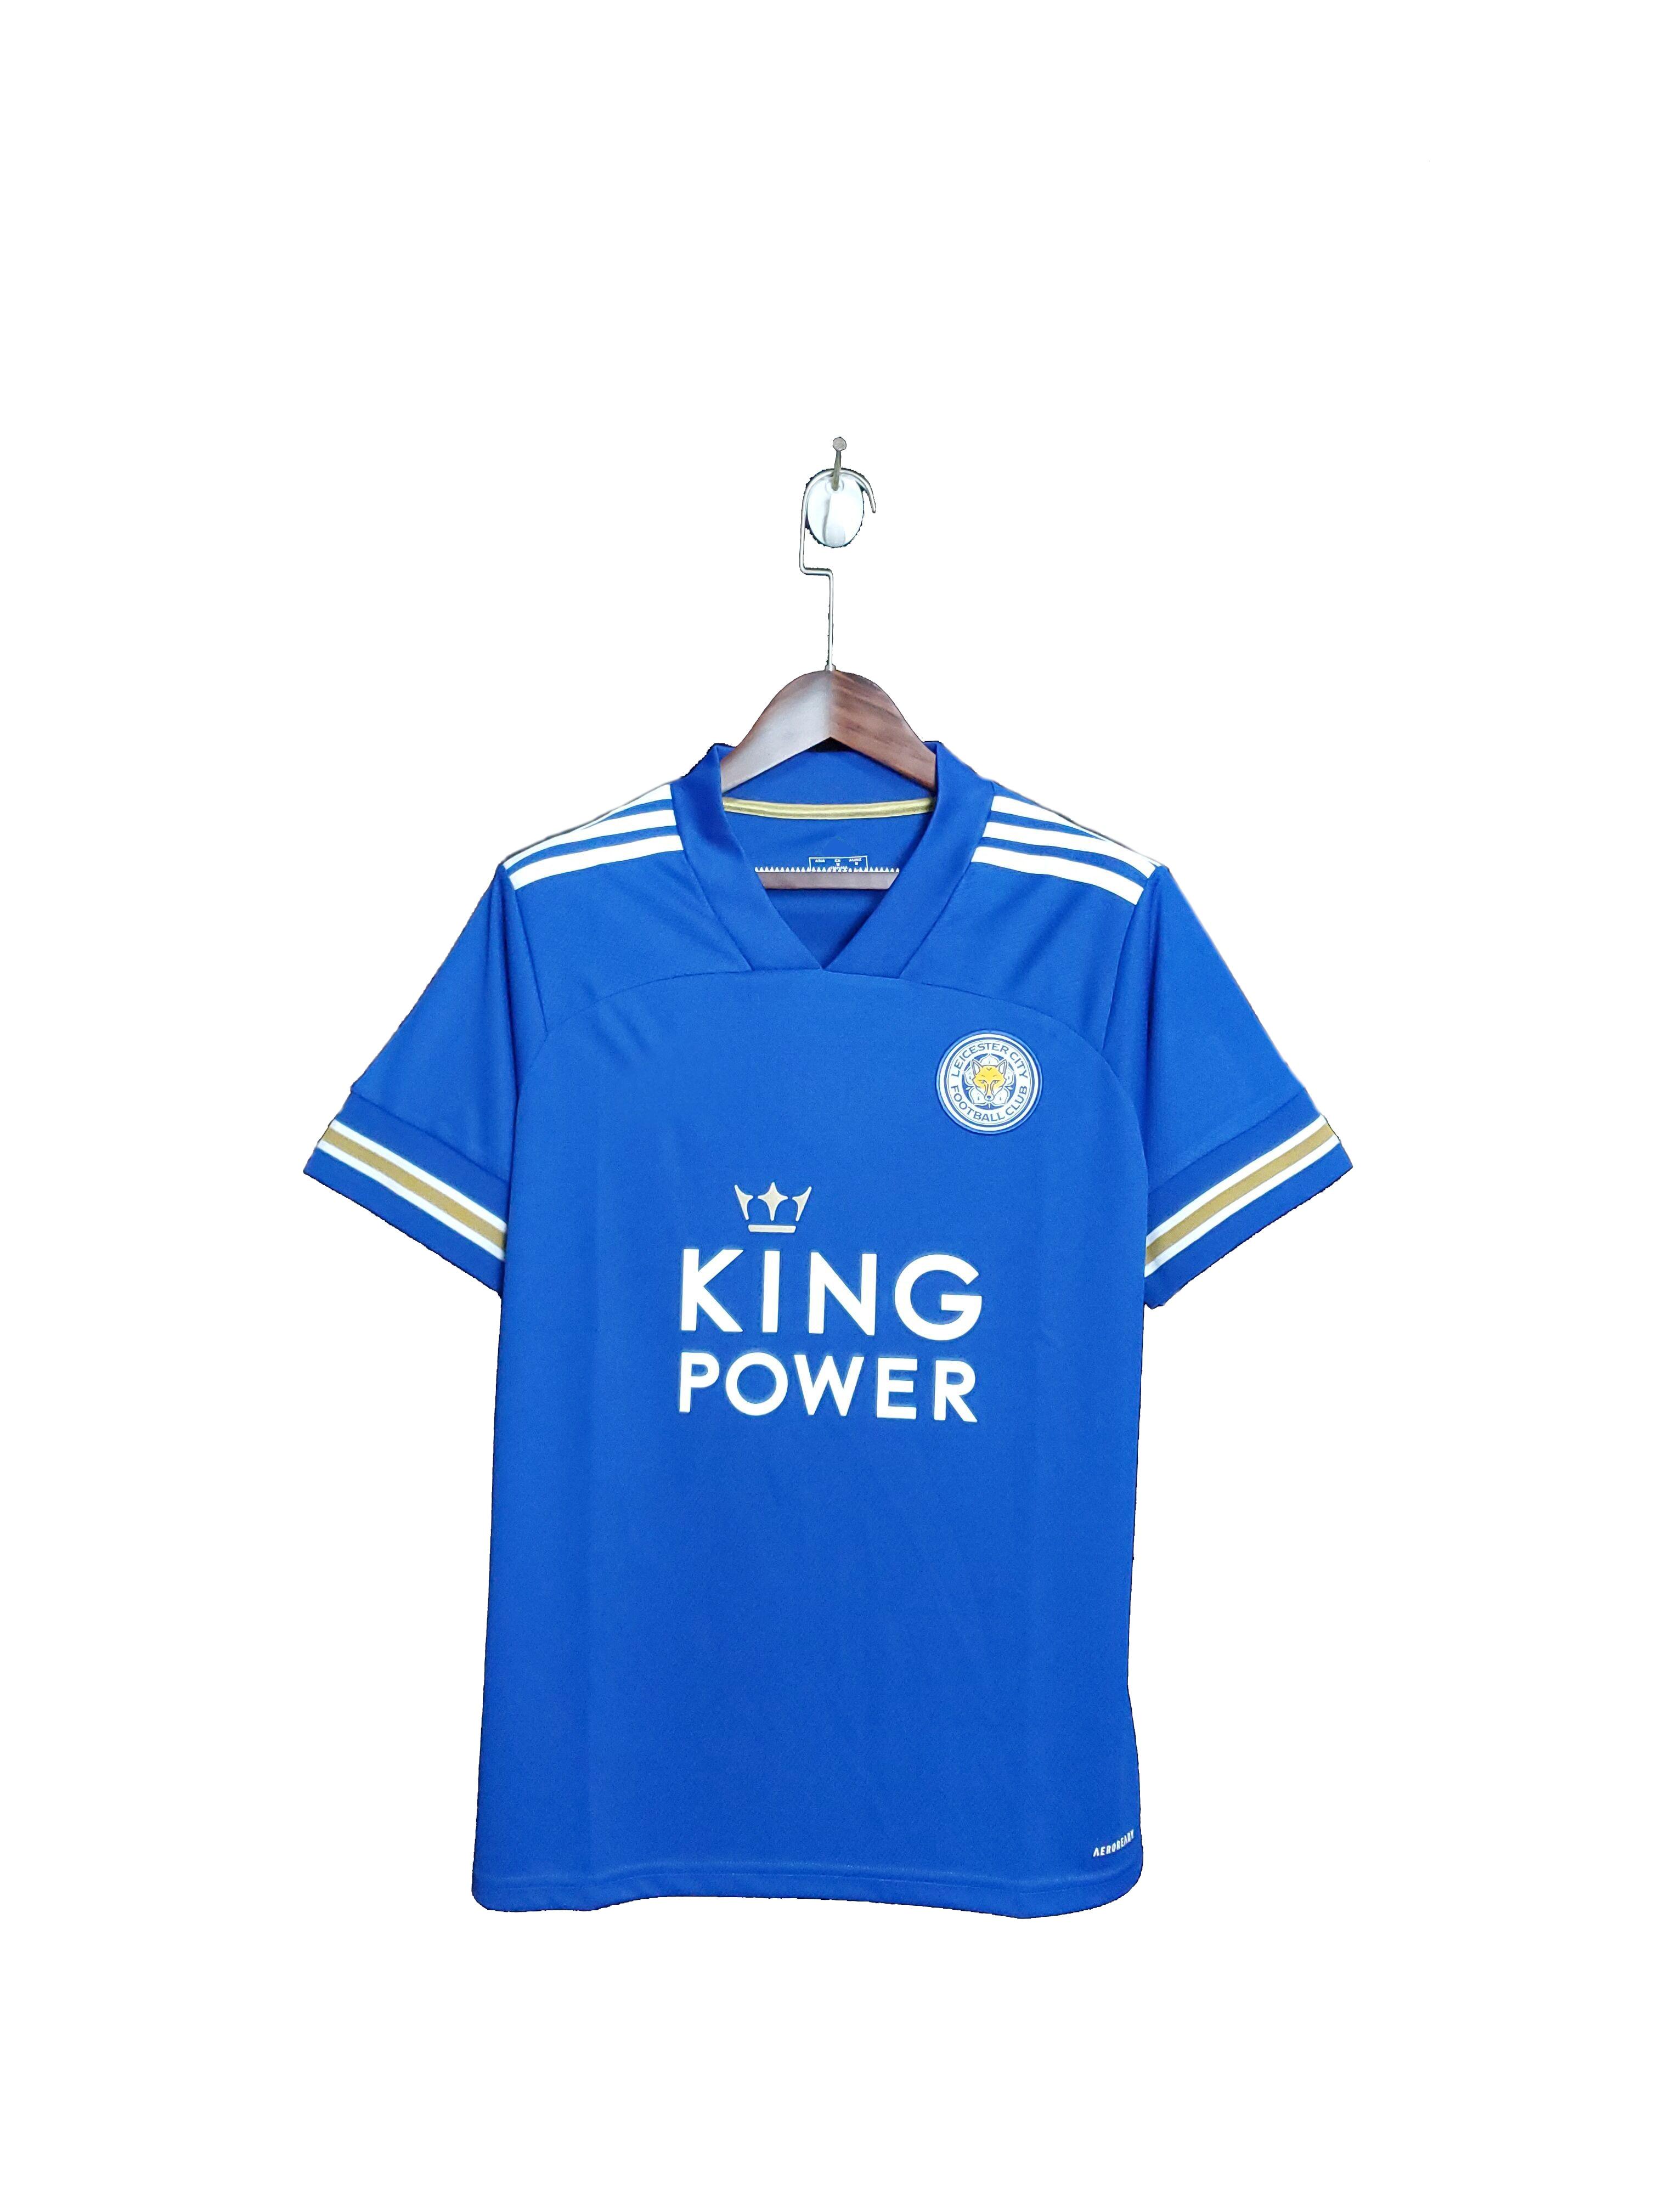 La ciudad de Leicester de alta calidad camiseta Tailandia casa jersey para el 20 21 temporada|Camisas informales| - AliExpress